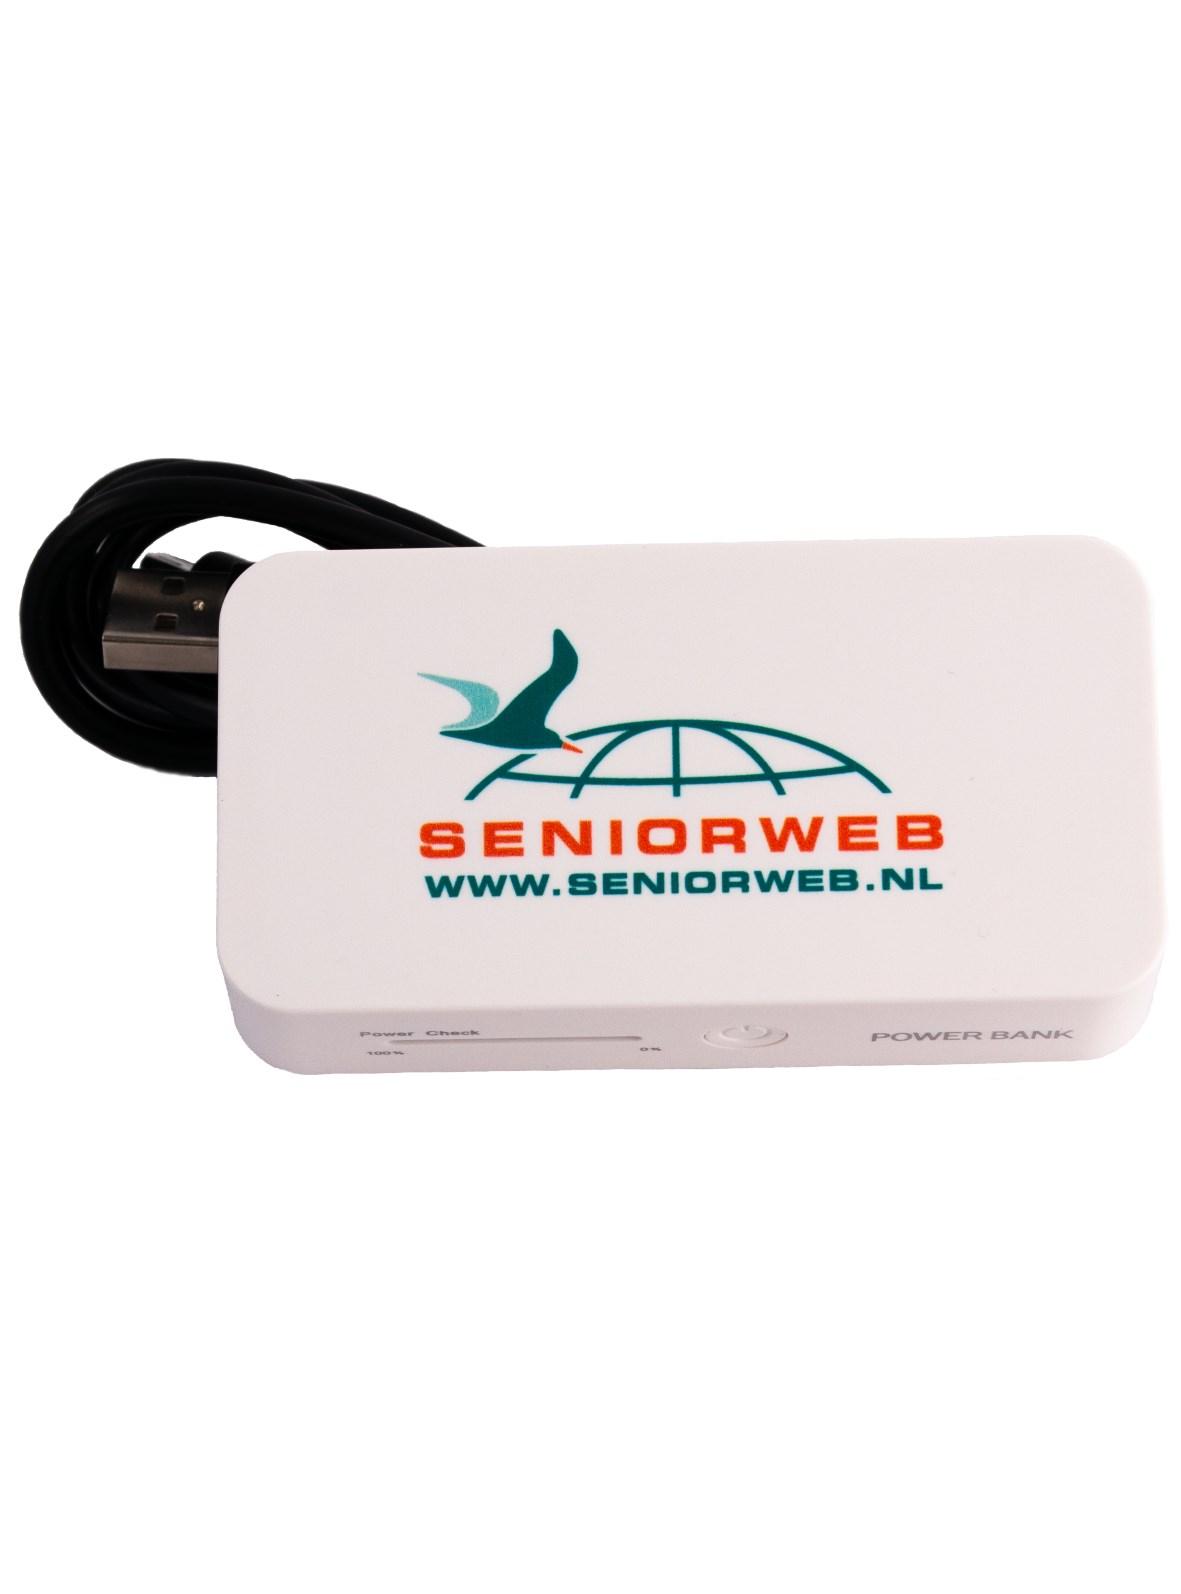 SeniorWeb Powerbank